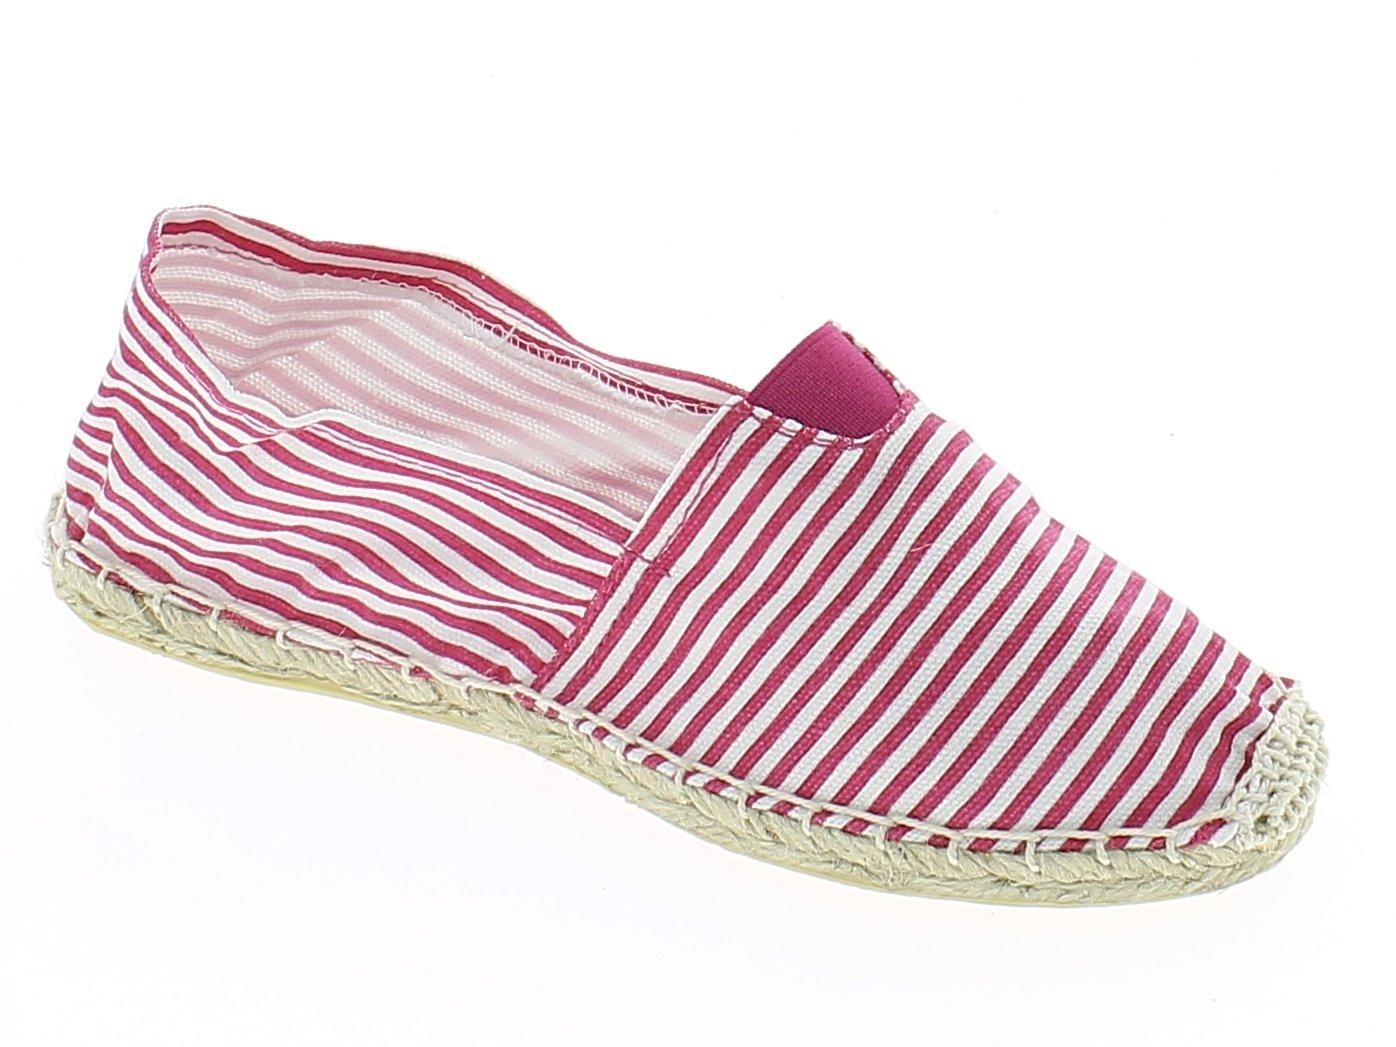 MADIGAN Γυναικείο Casual ENRIGUE Φούξια - IqShoes - ENRIGUE FUXIA-fuxia-35/1/60/ προϊόντα παπούτσια